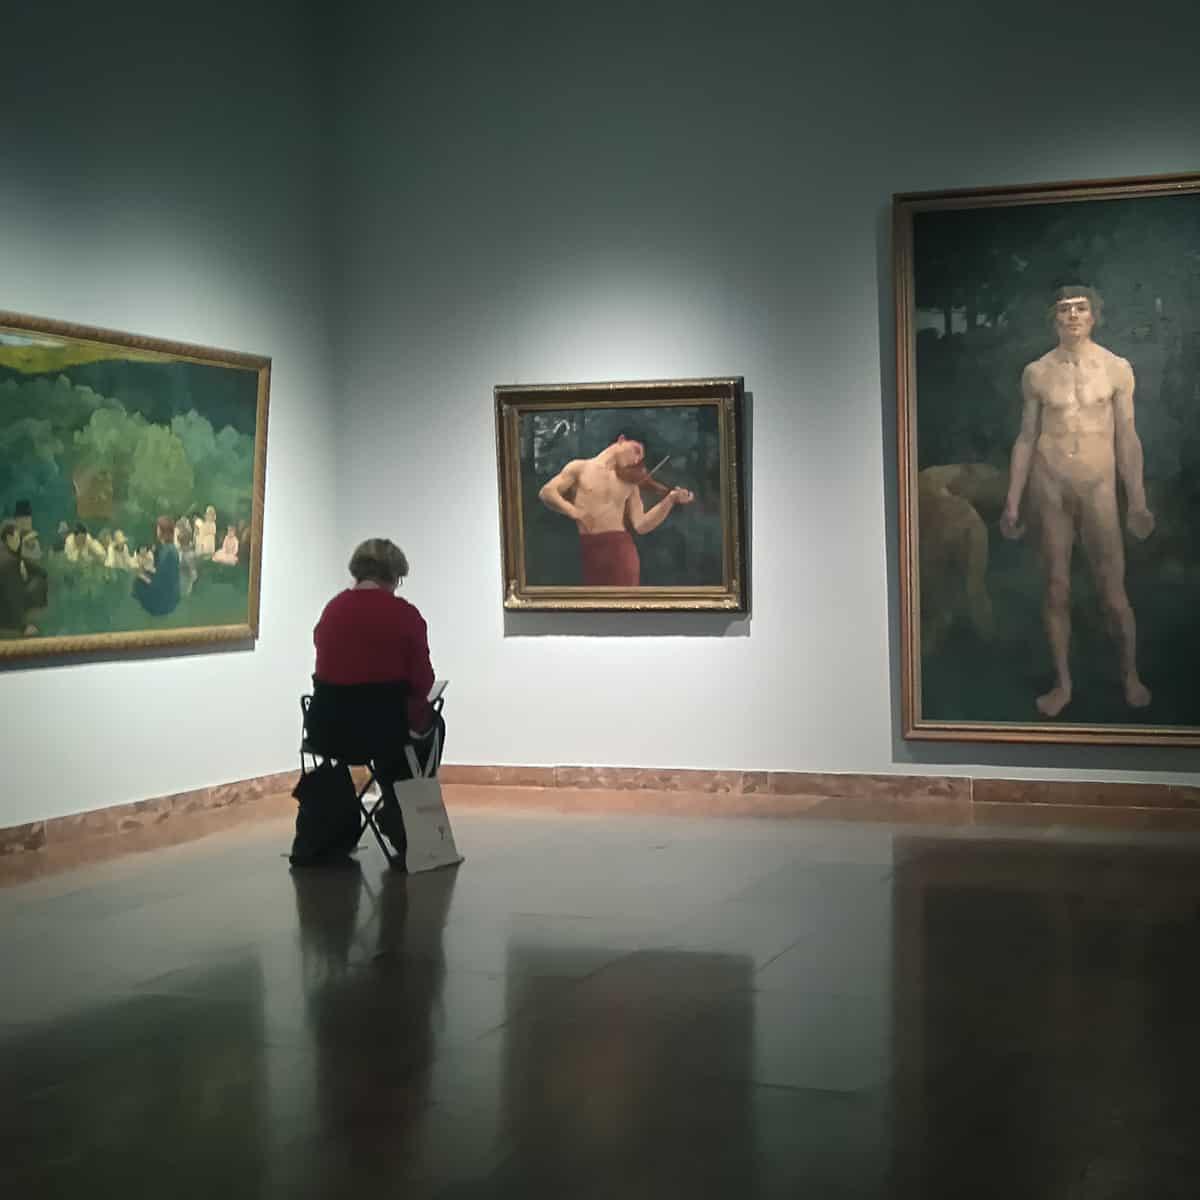 festészeti szakos tanulónk a múzeumban